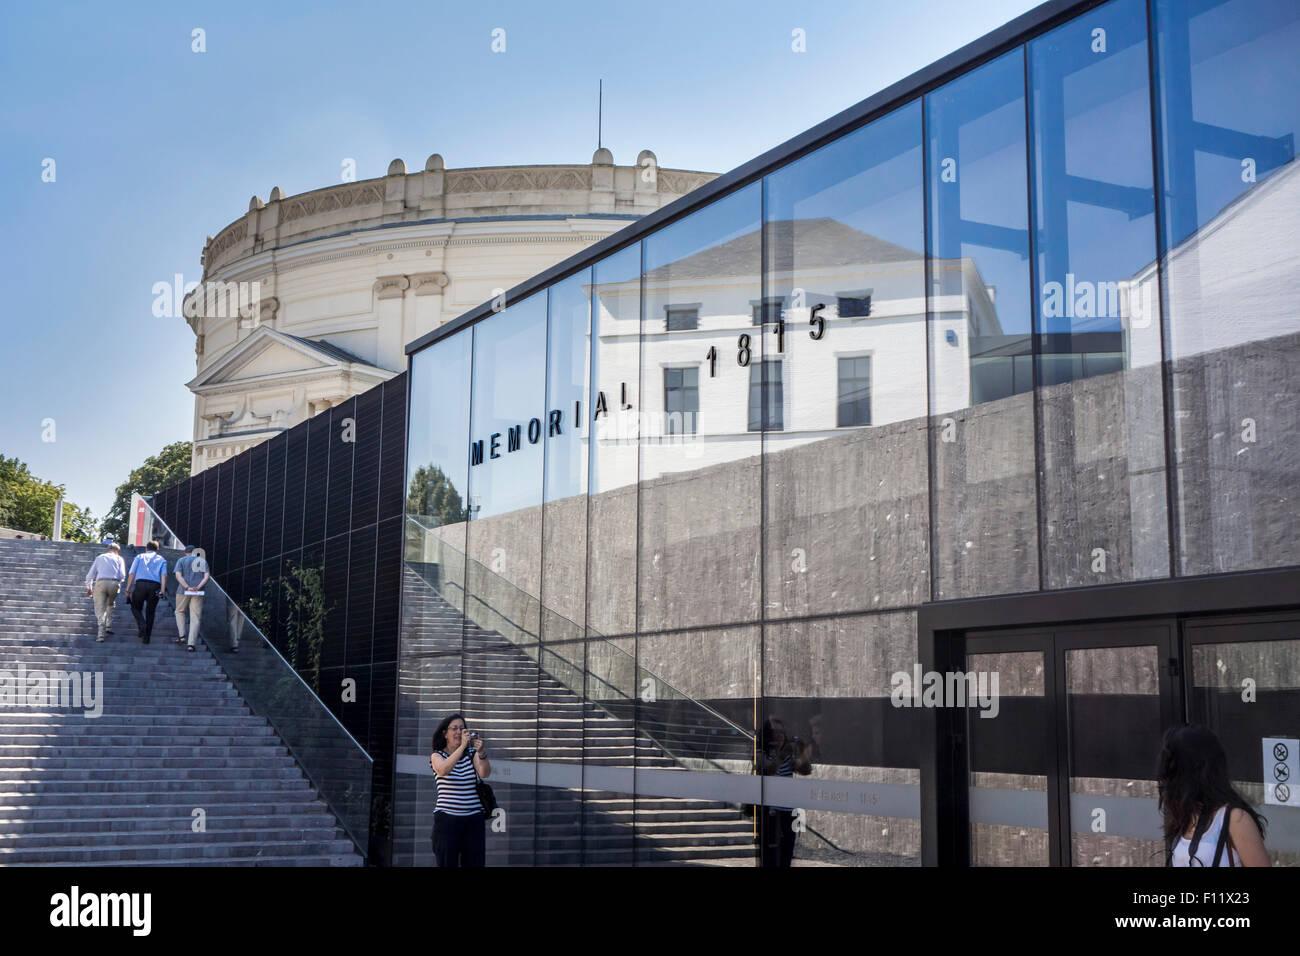 Eingang der Gedenkstätte 1815 Museum und des Gedenkens Veranstaltungsort zum Gedenken an die Schlacht von Waterloo Stockbild